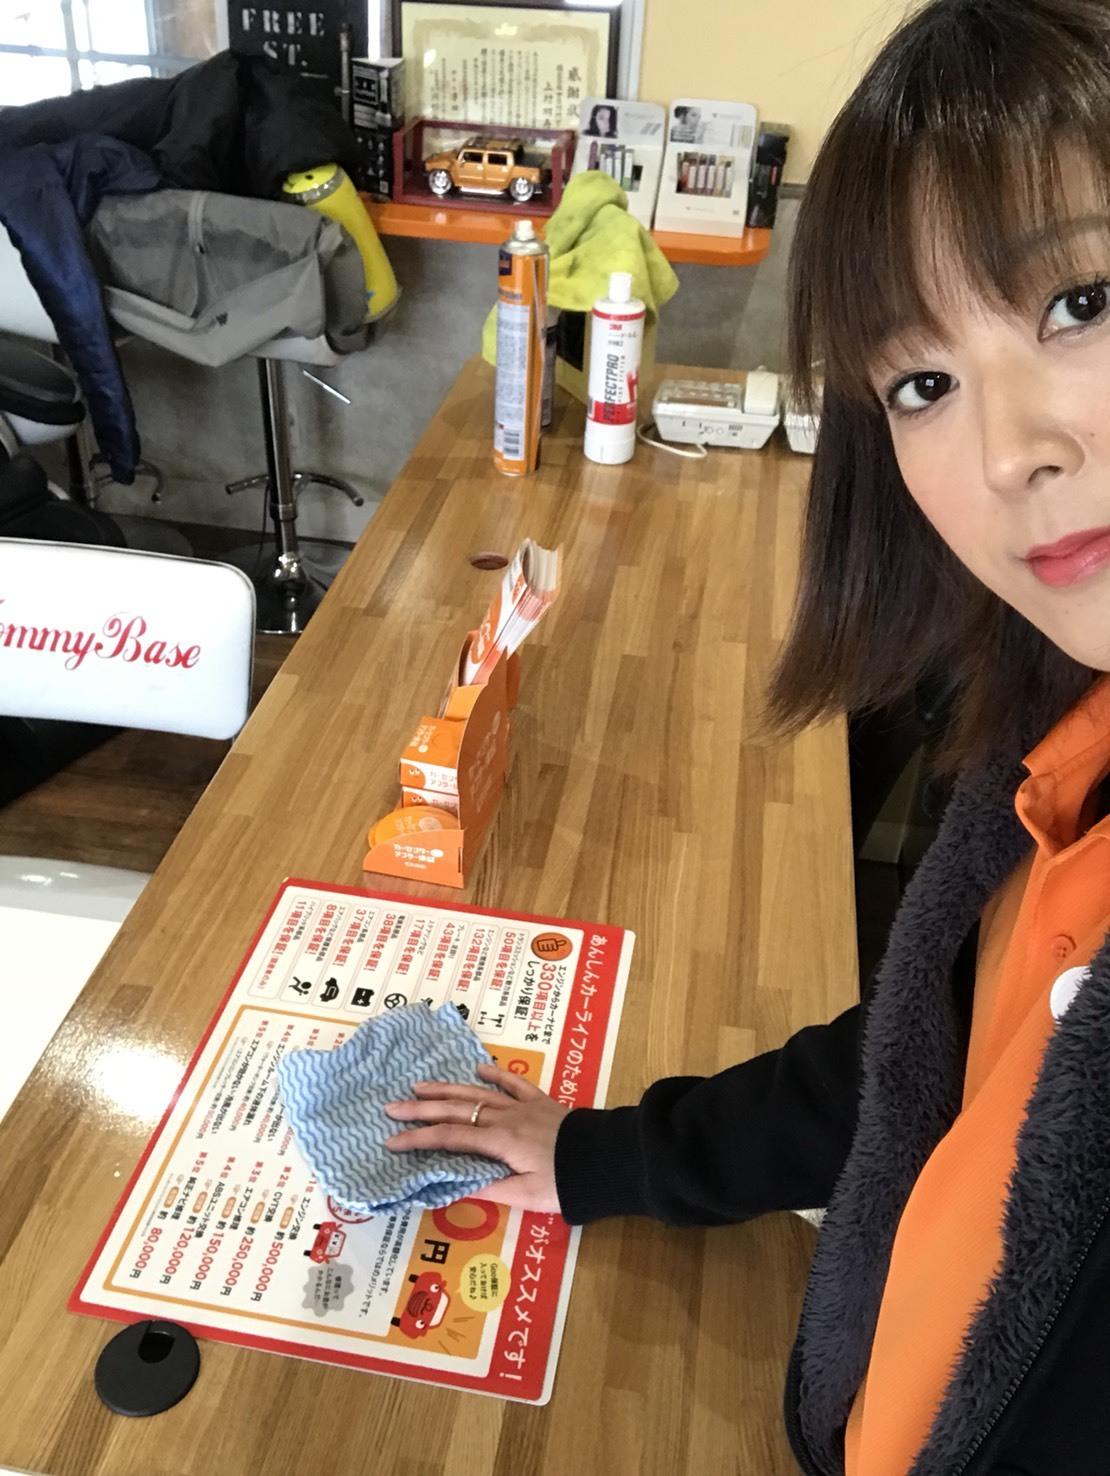 1月19日(金)トミーベース カスタムブログ☆LS460 ハマー マジェスタ多数取り揃え☆WALDのホイルも☆_b0127002_12100480.jpg